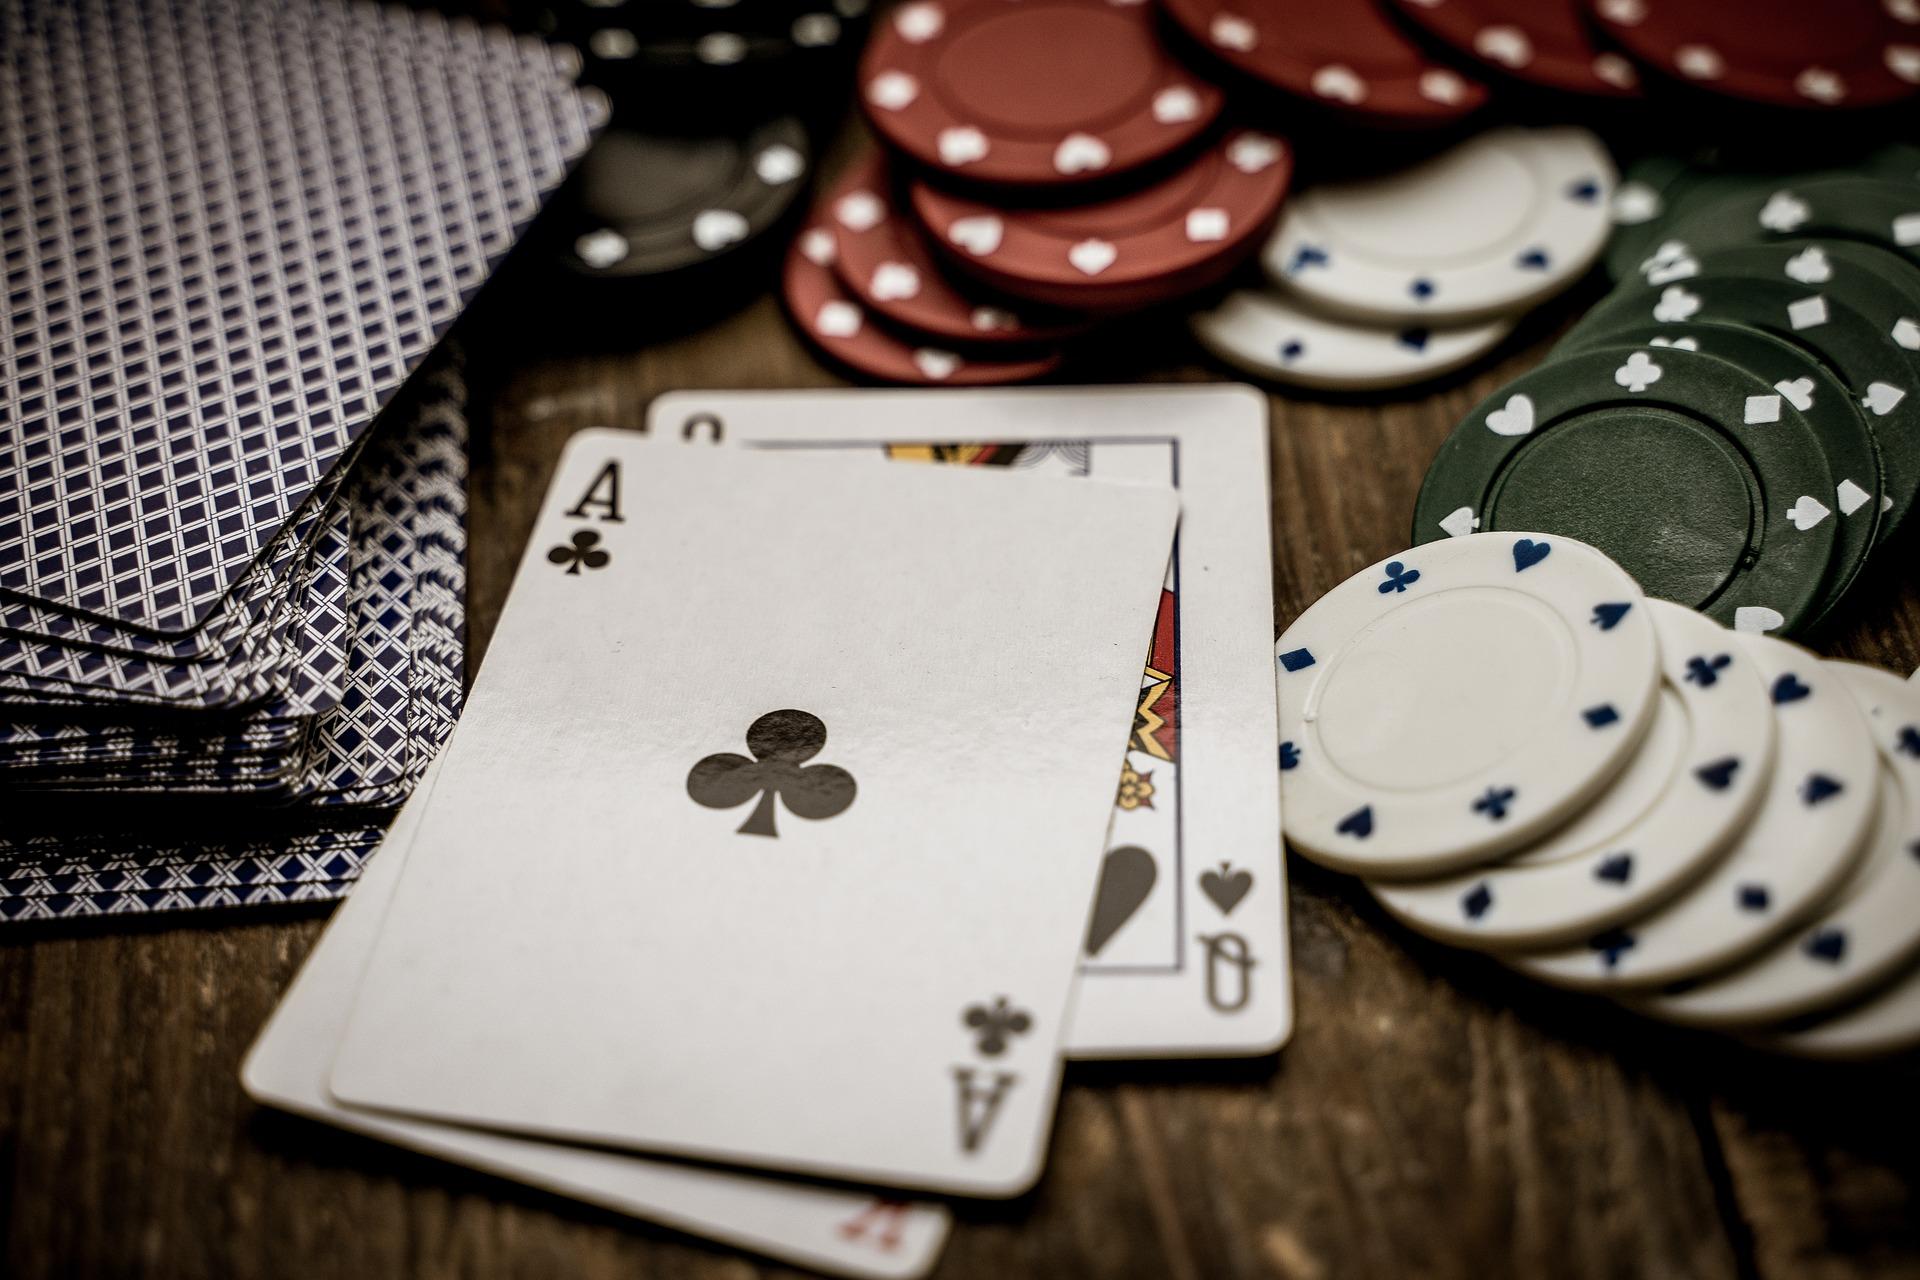 Les meilleurs sites pour jouer au poker en ligne